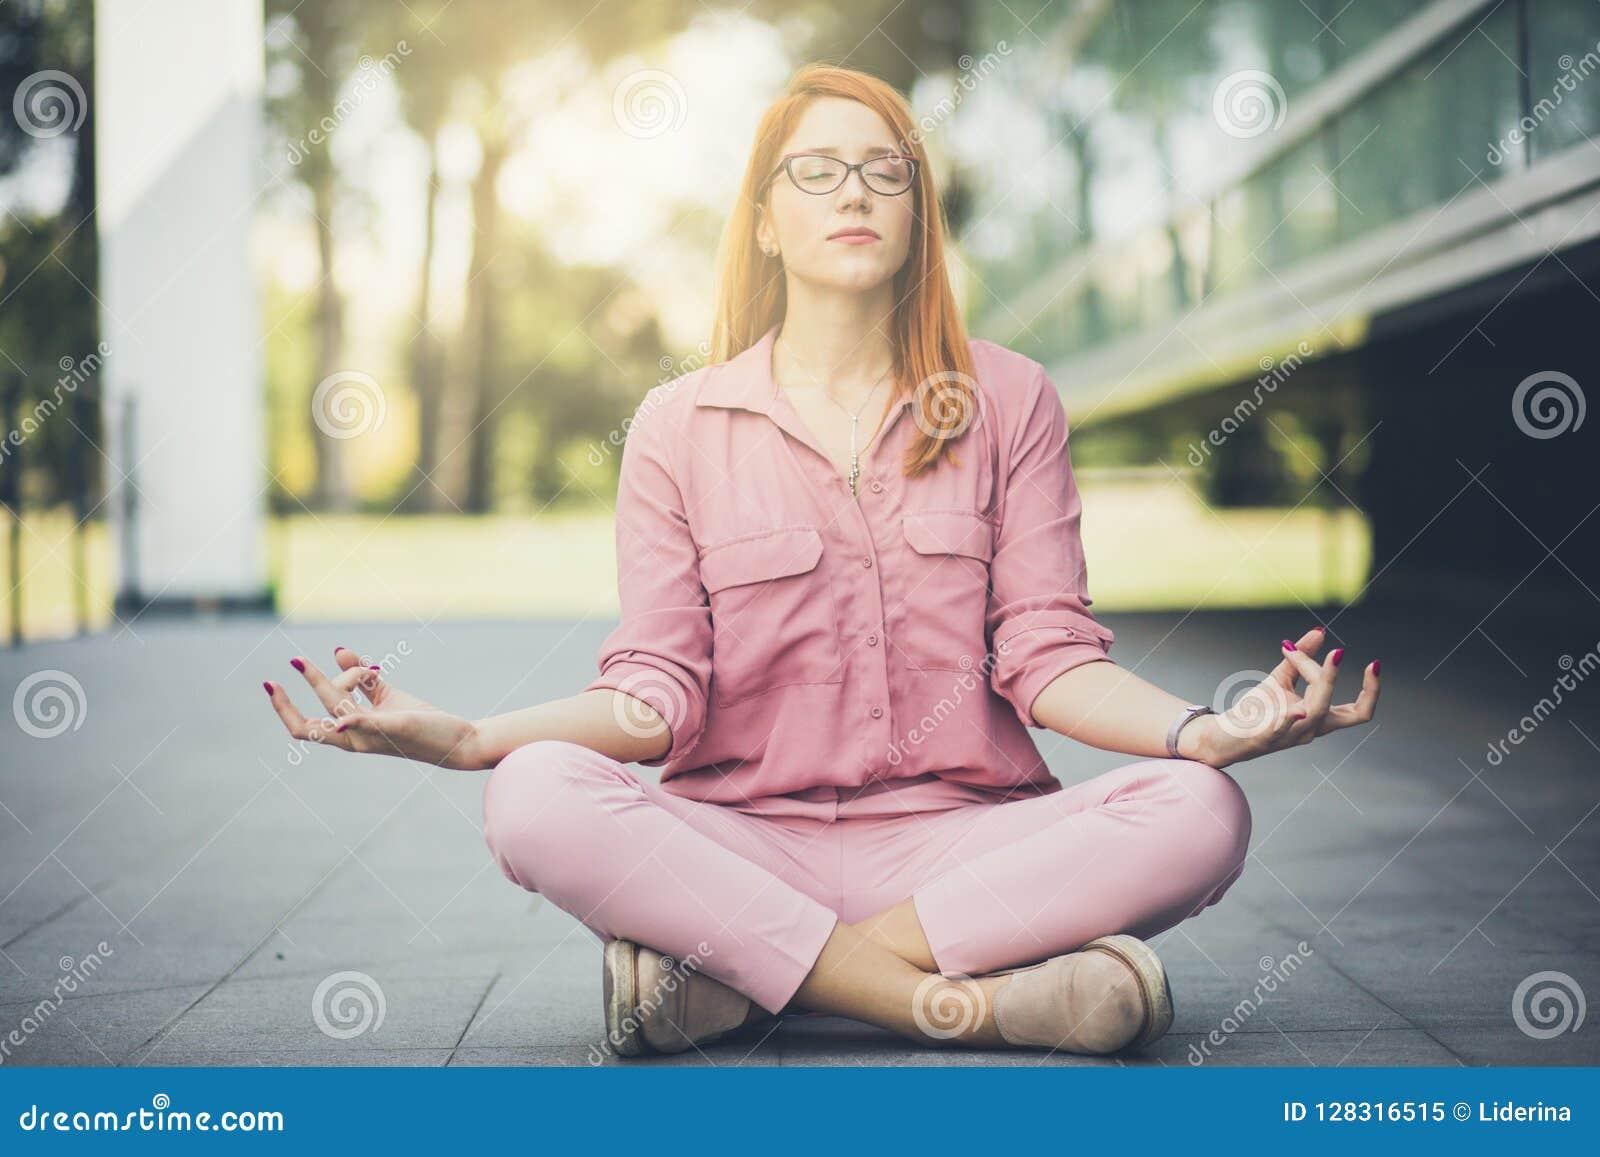 Fred och avkoppling är en viktig del av liv